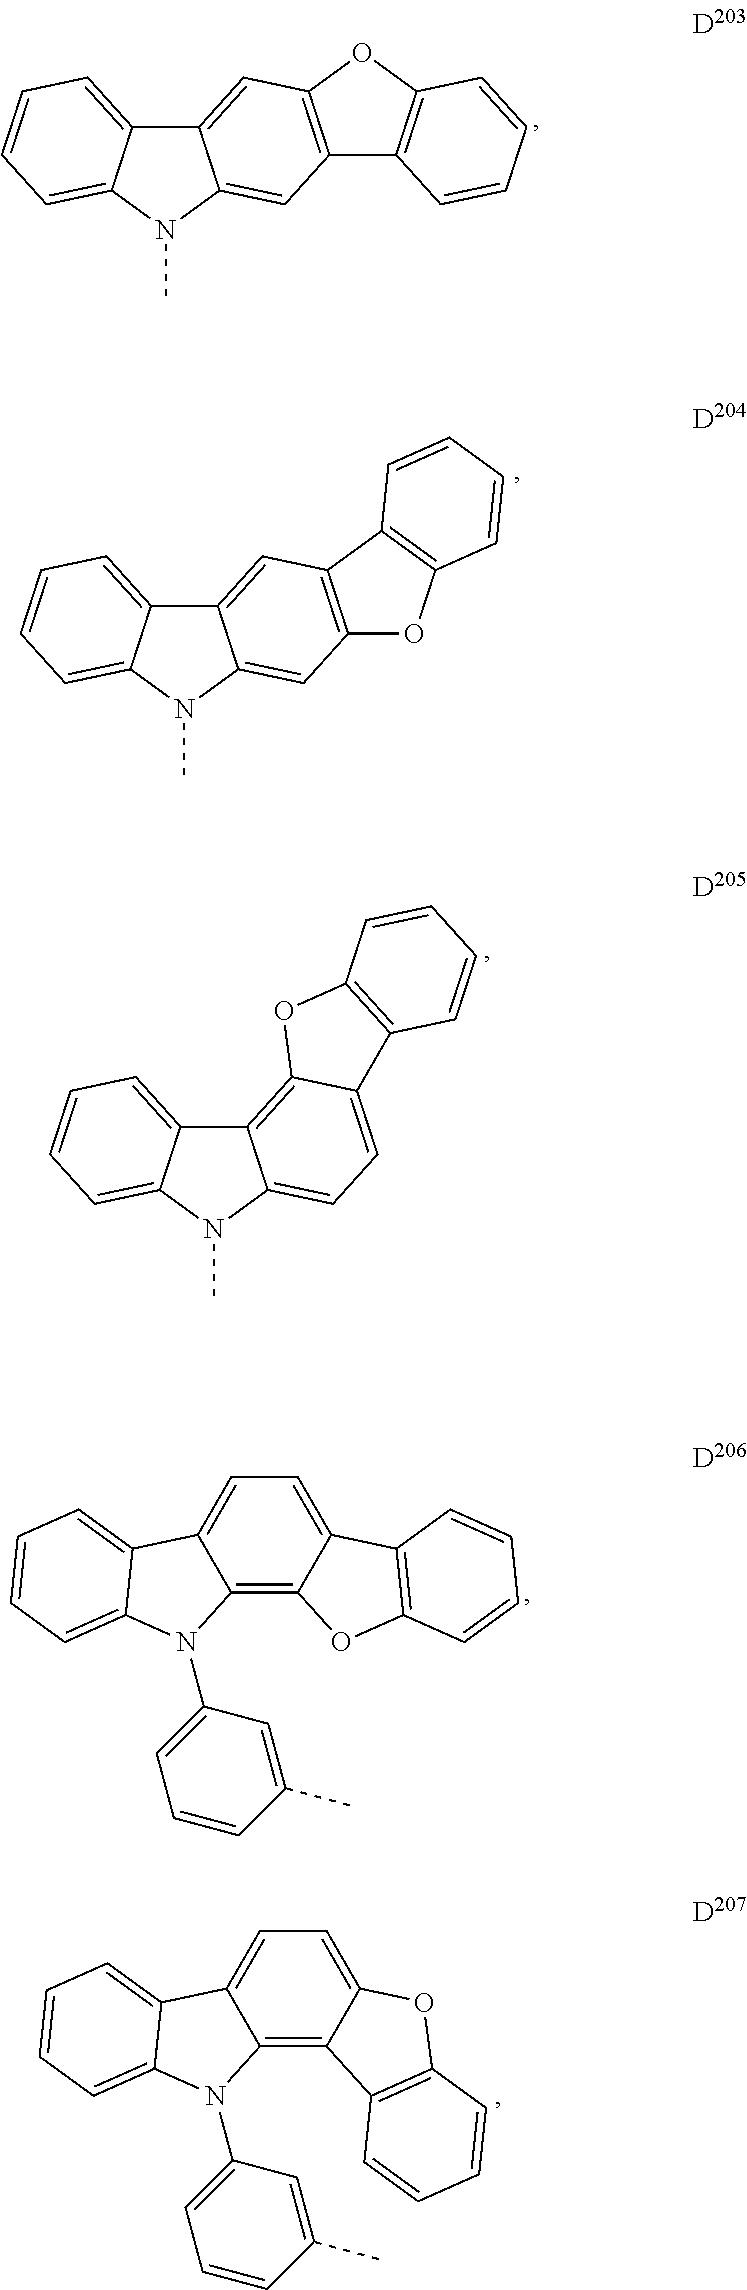 Figure US20170033295A1-20170202-C00079